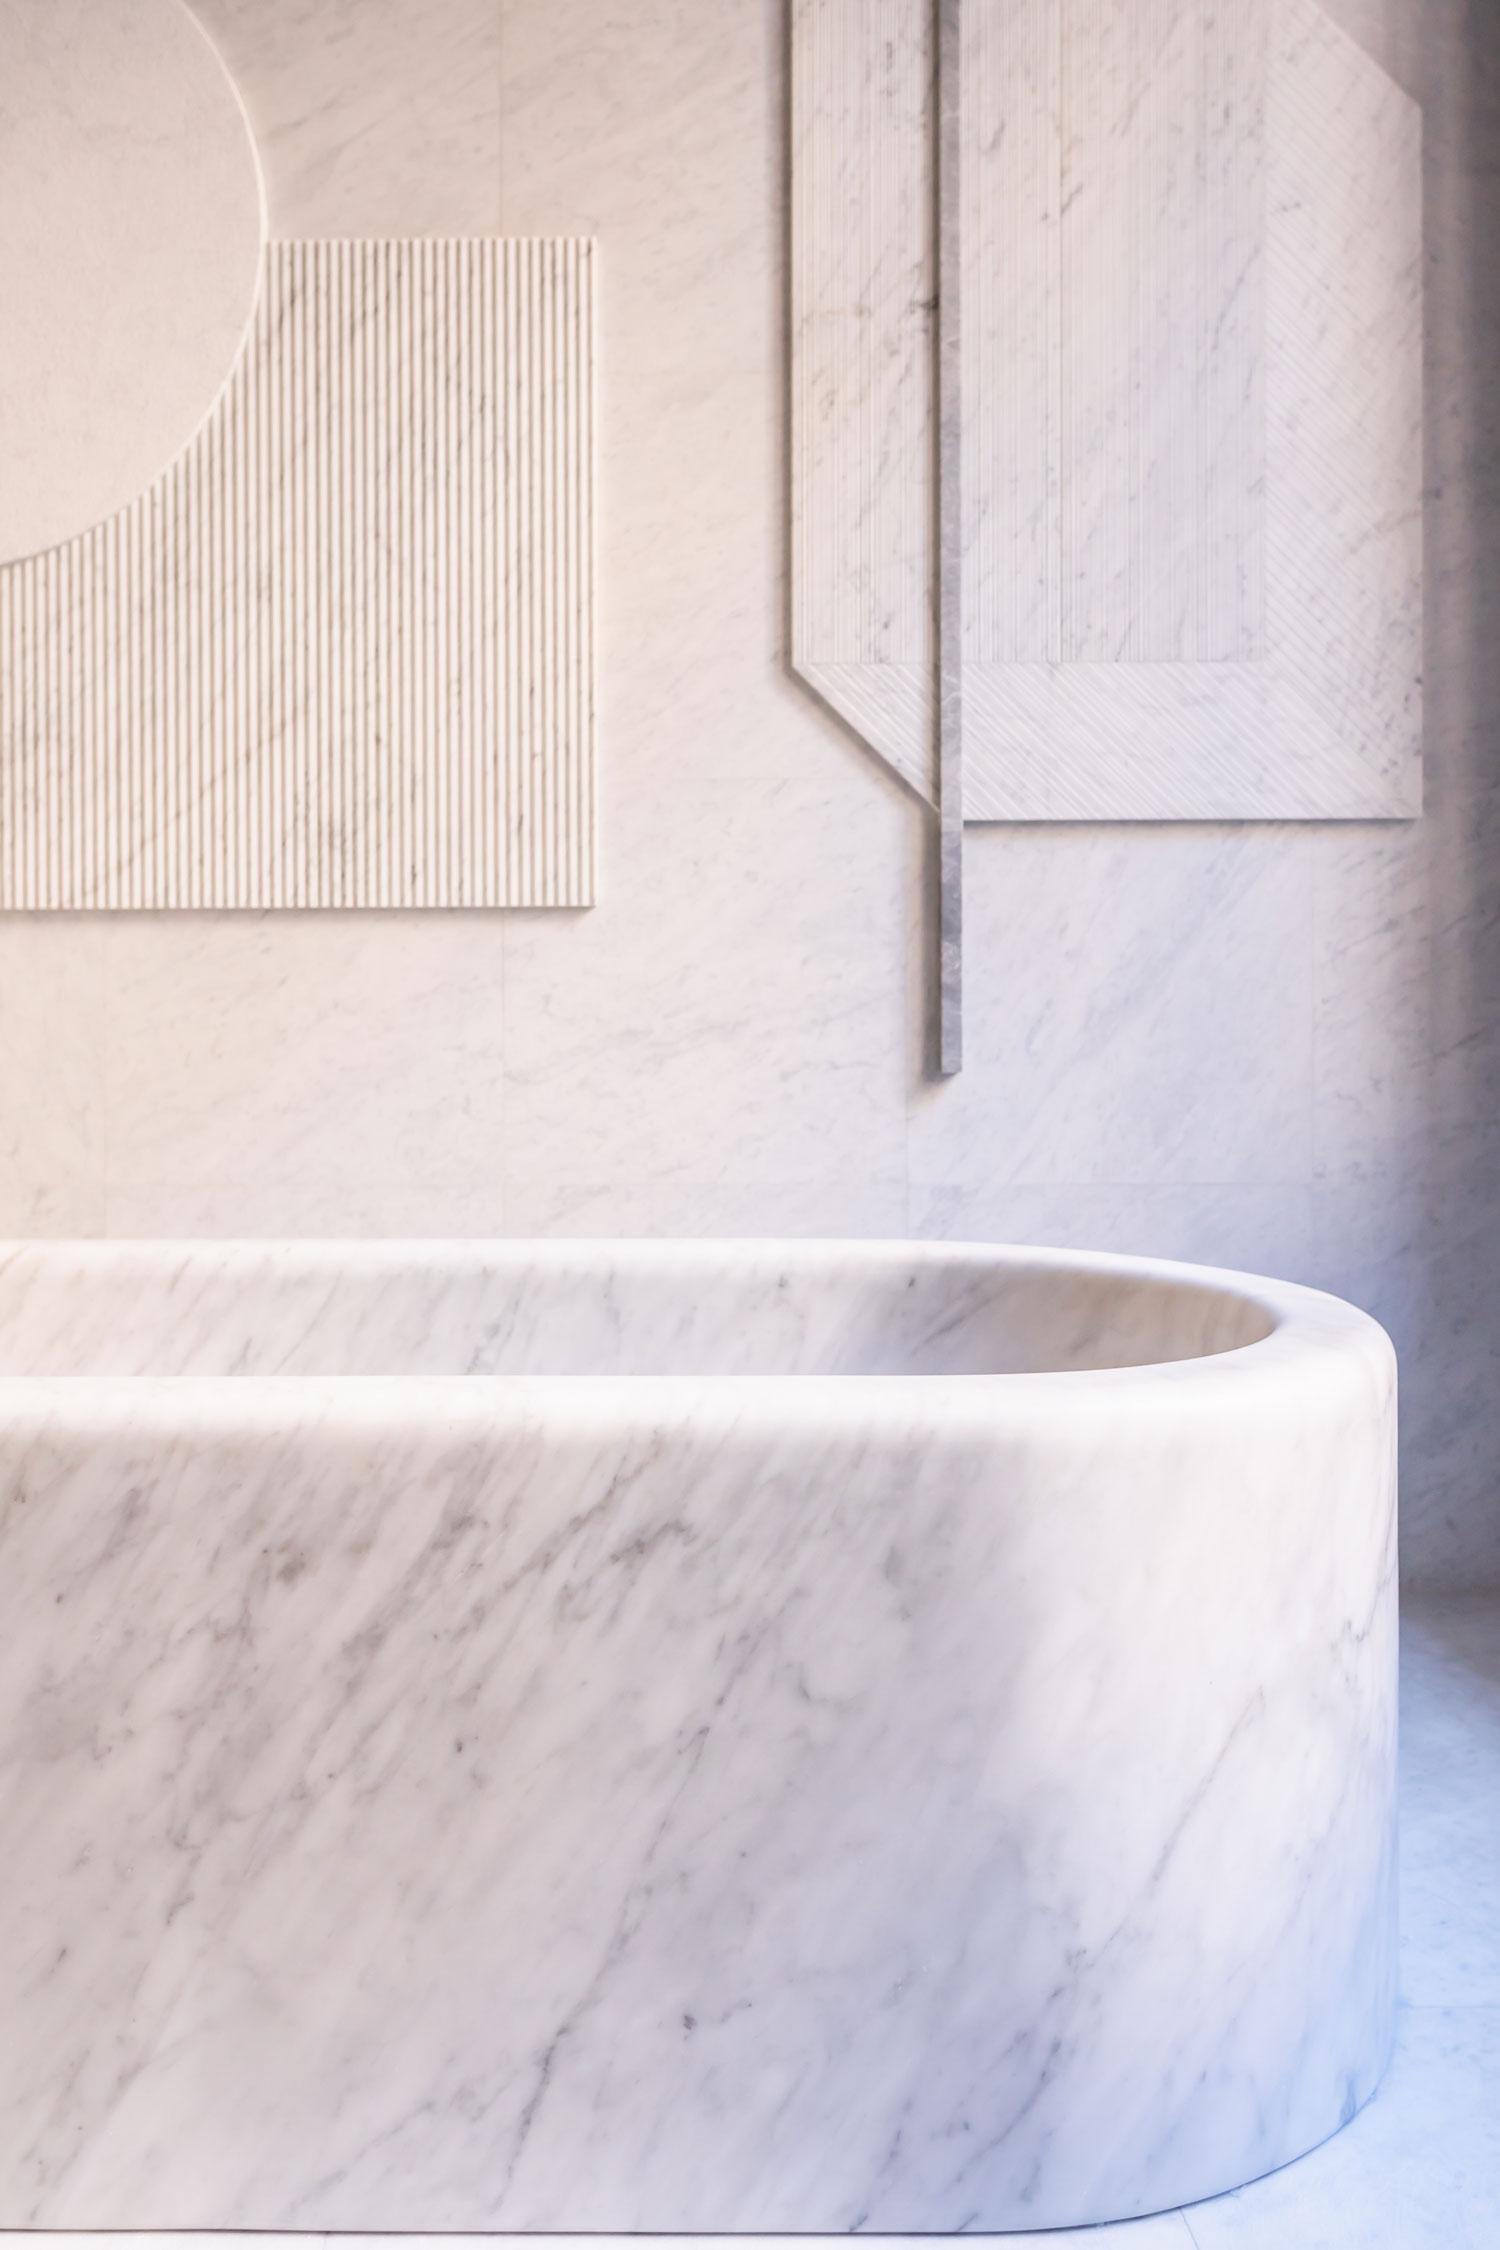 Interior design trends for 2020 - Marble interior trend - Authentic Interior design studio & blog www.authenticinterior.com